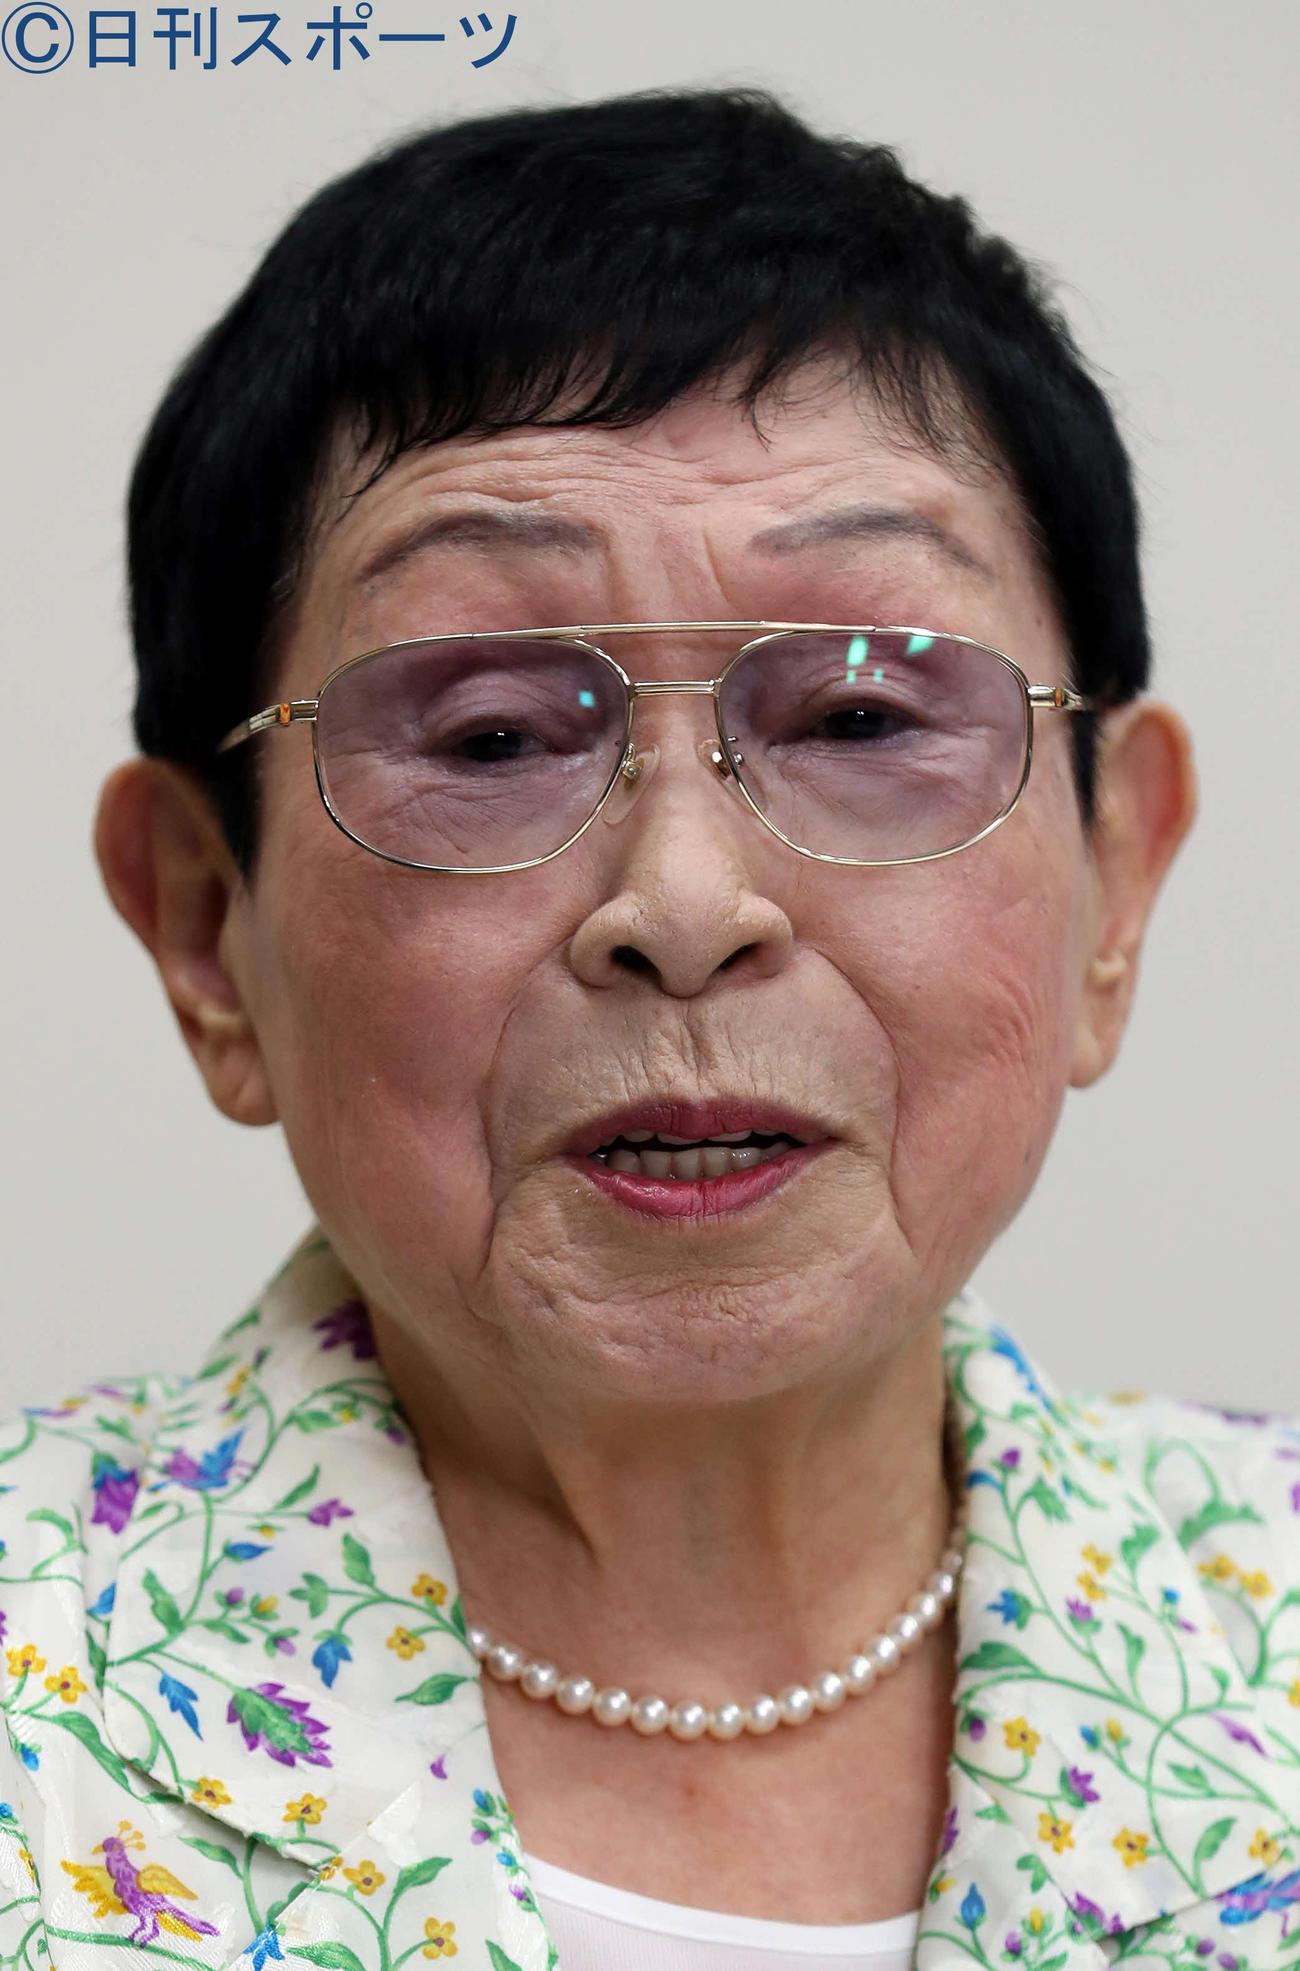 橋田寿賀子さん(2019年9月3日撮影)